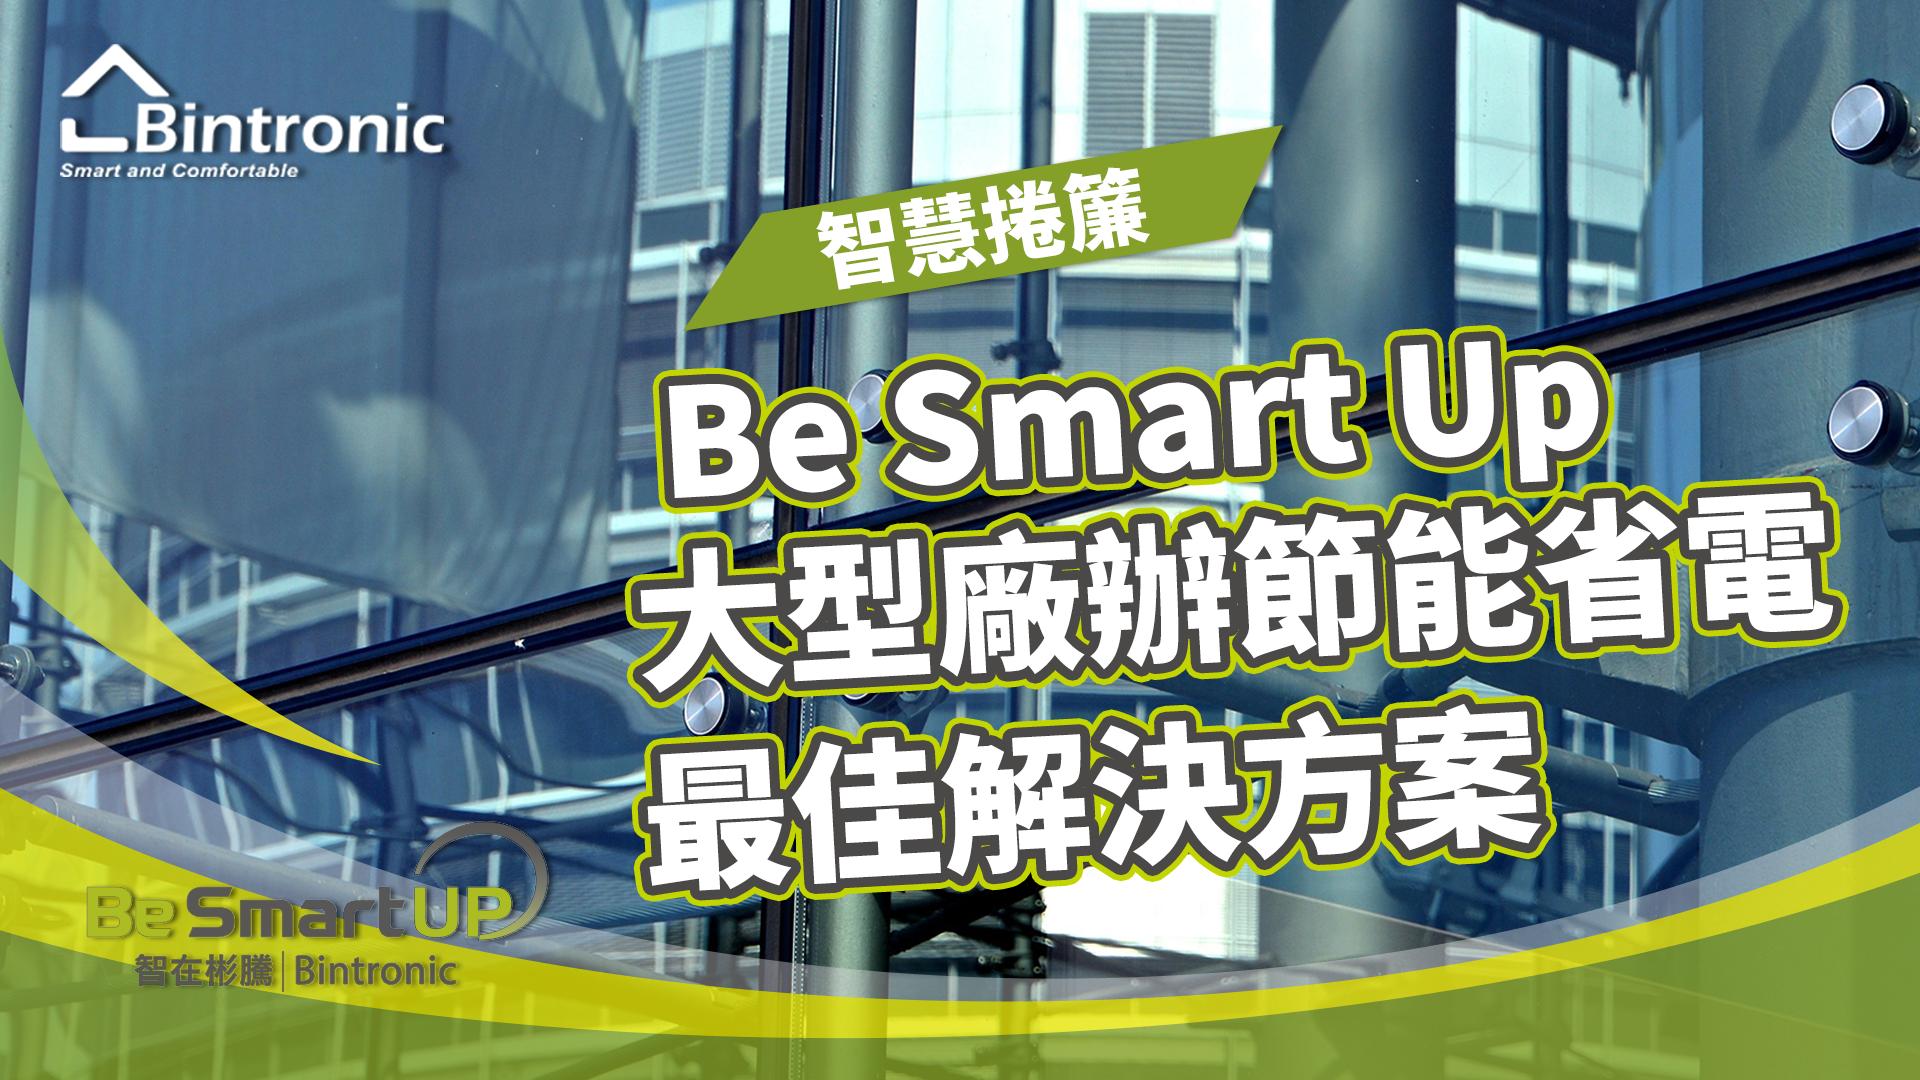 彬騰智慧捲簾 Be Smart Up 大型廠辦節能省電最佳解決方案